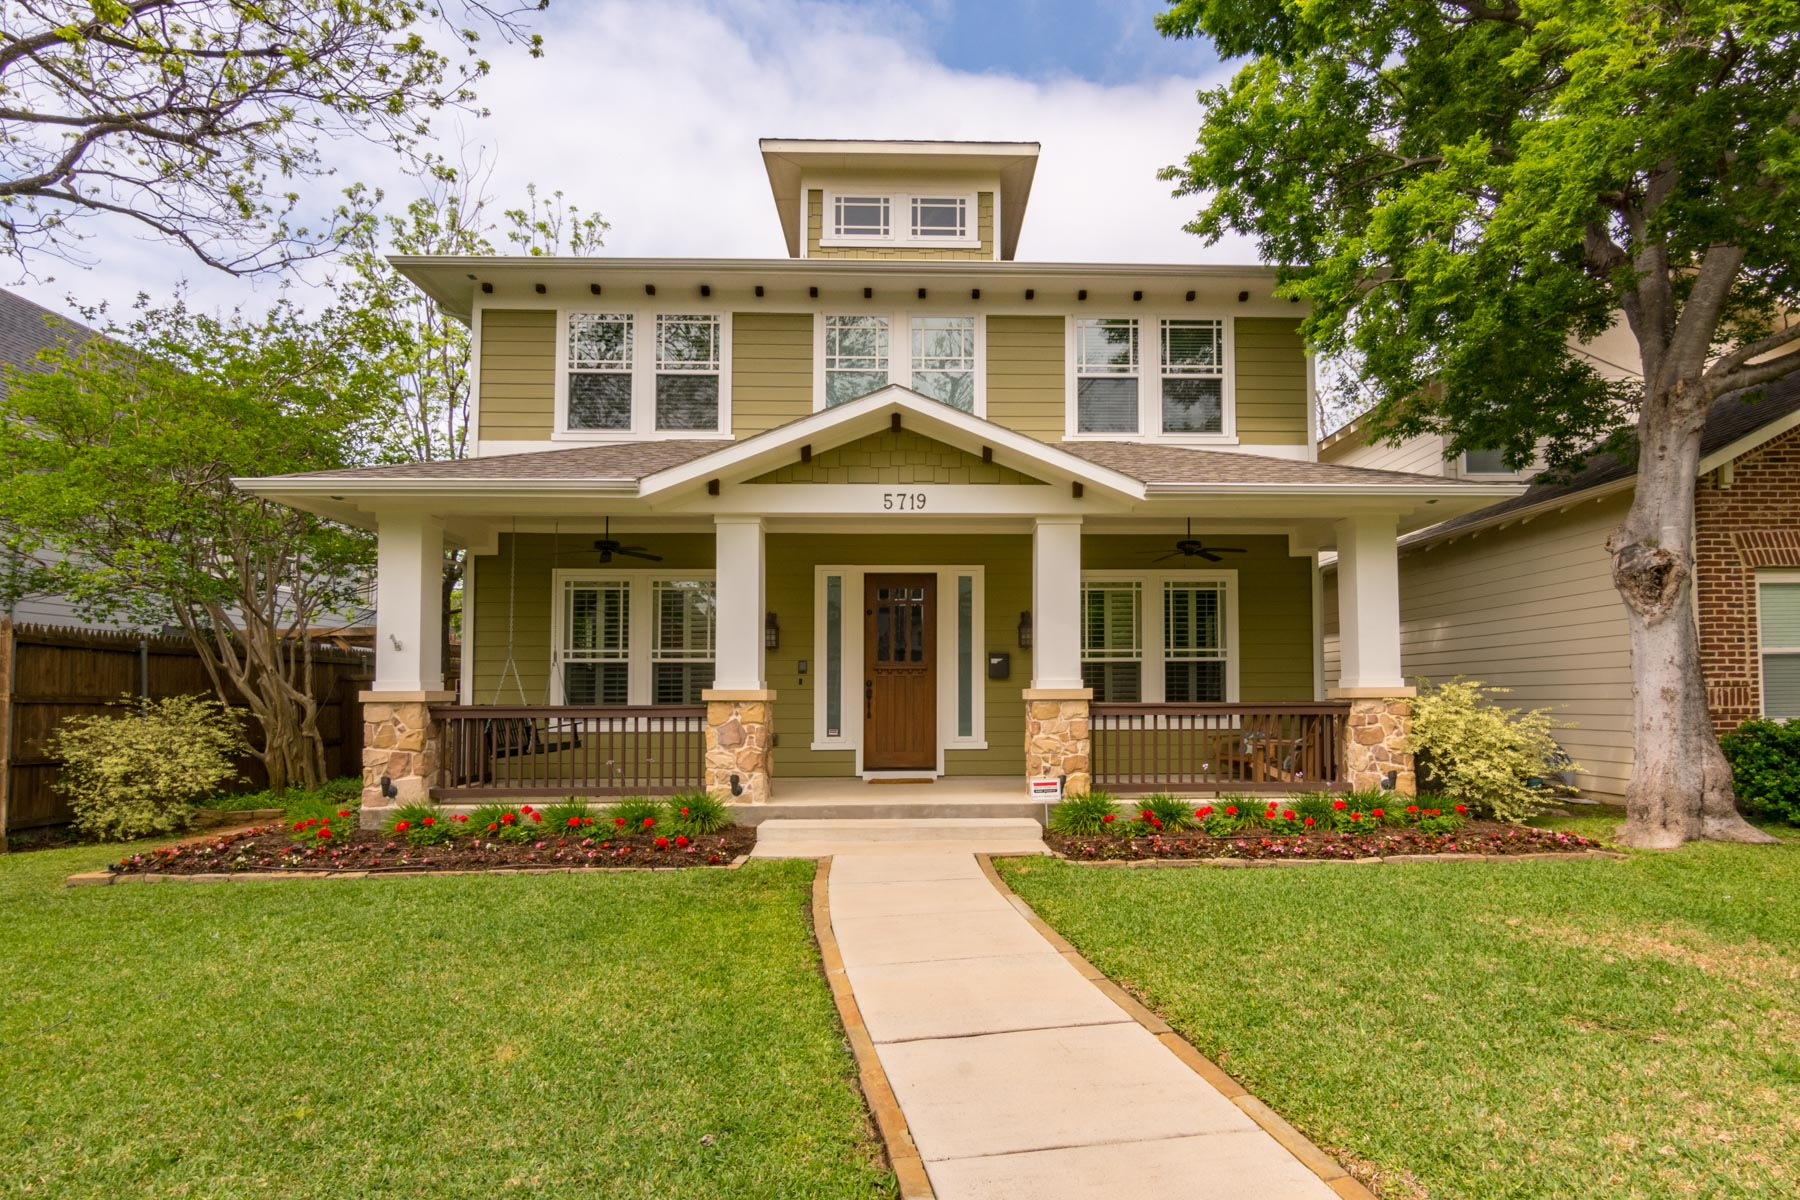 独户住宅 为 销售 在 Beautiful Craftsman Style Home 5719 Llano Ave 达拉斯, 得克萨斯州, 75206 美国